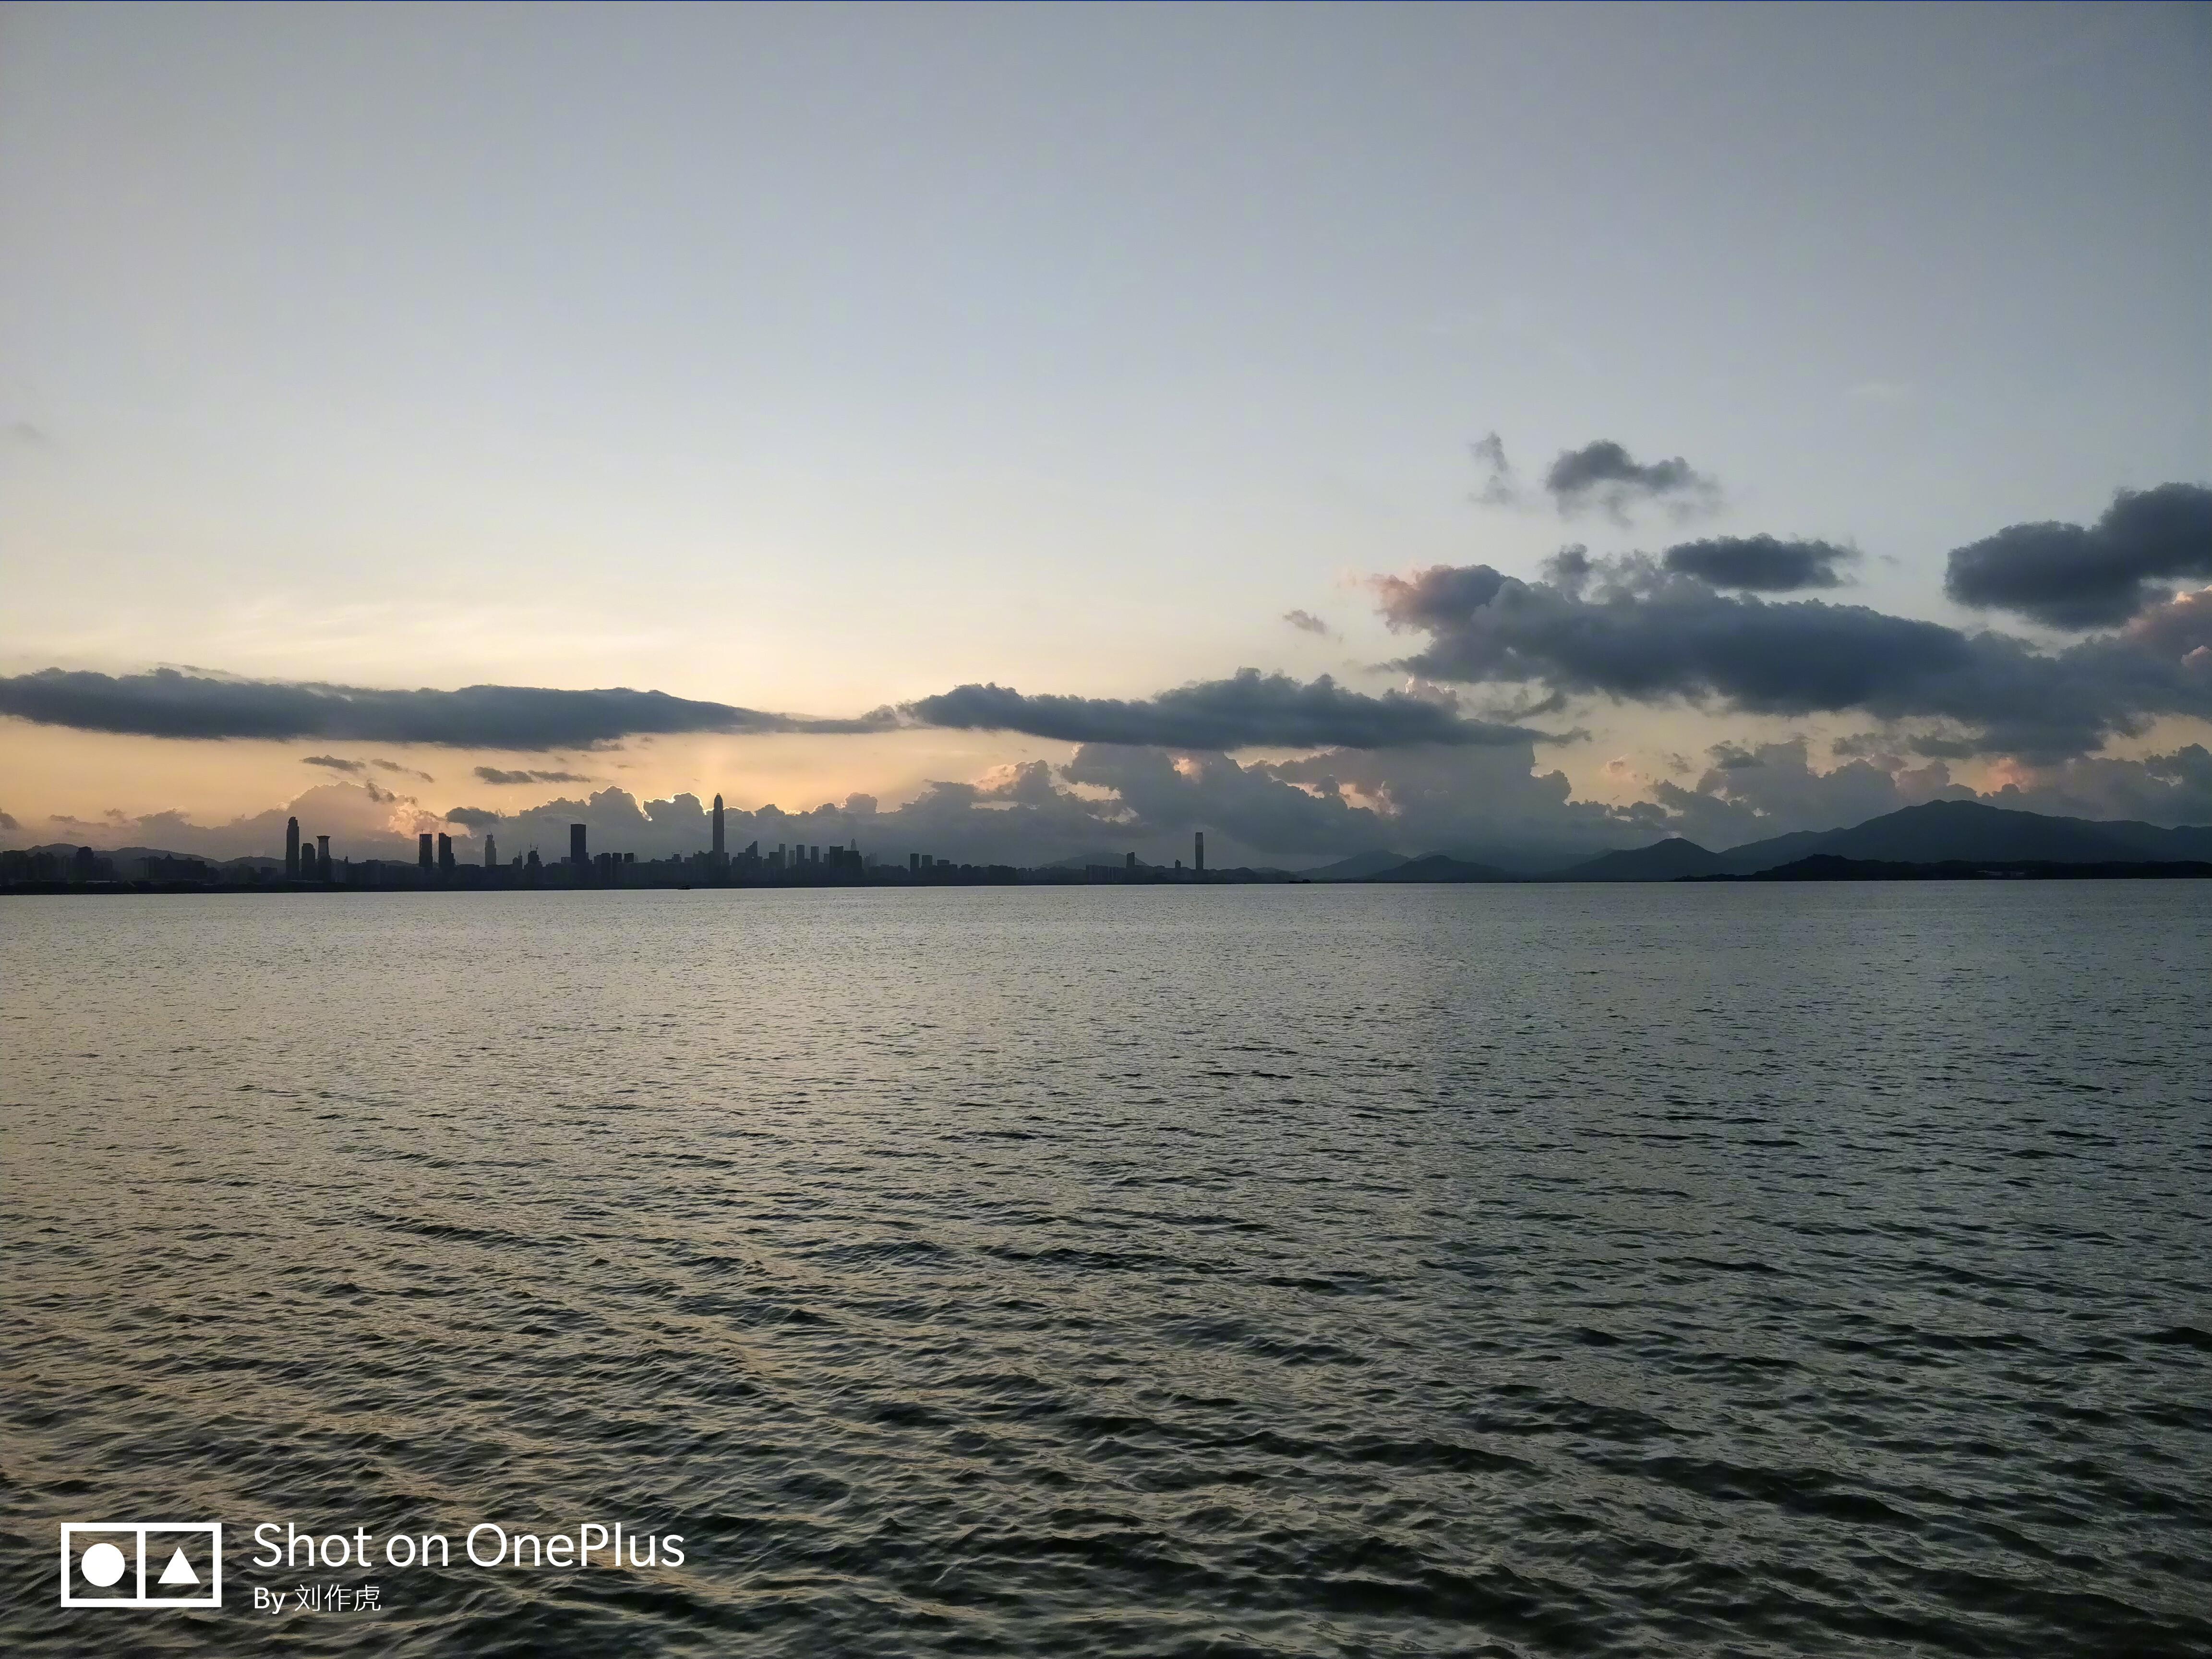 تصاویر تصاویر تصاویر ثبتشده با وانپلاس ۵ در شب، منتشر شد OnePlus 5 camera samples by CEO Pete Lau